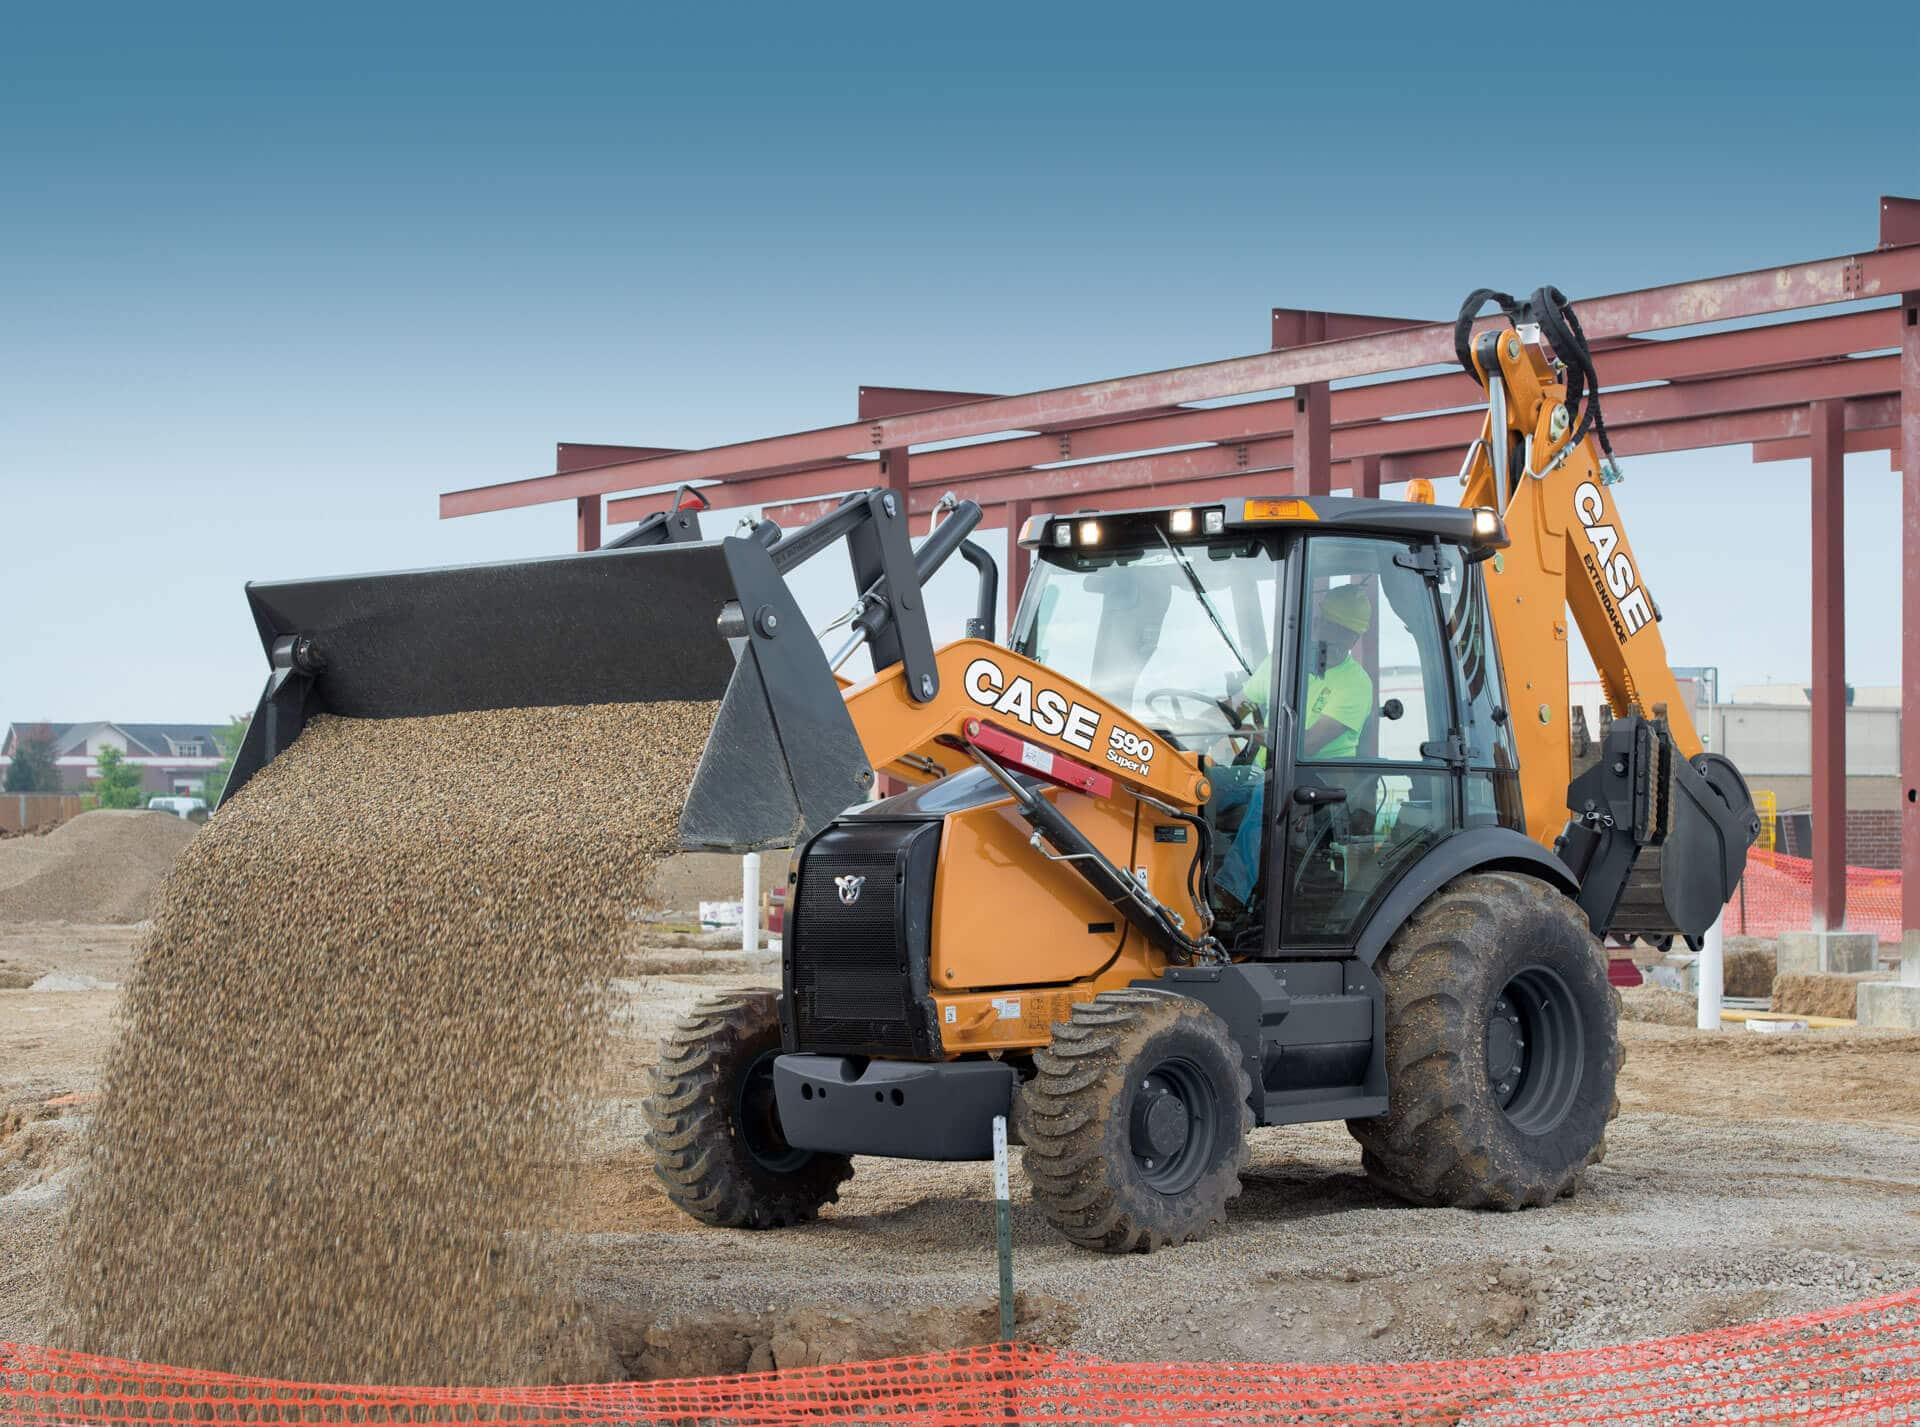 Case 590 Super N Backhoe Loader Case Construction Equipment